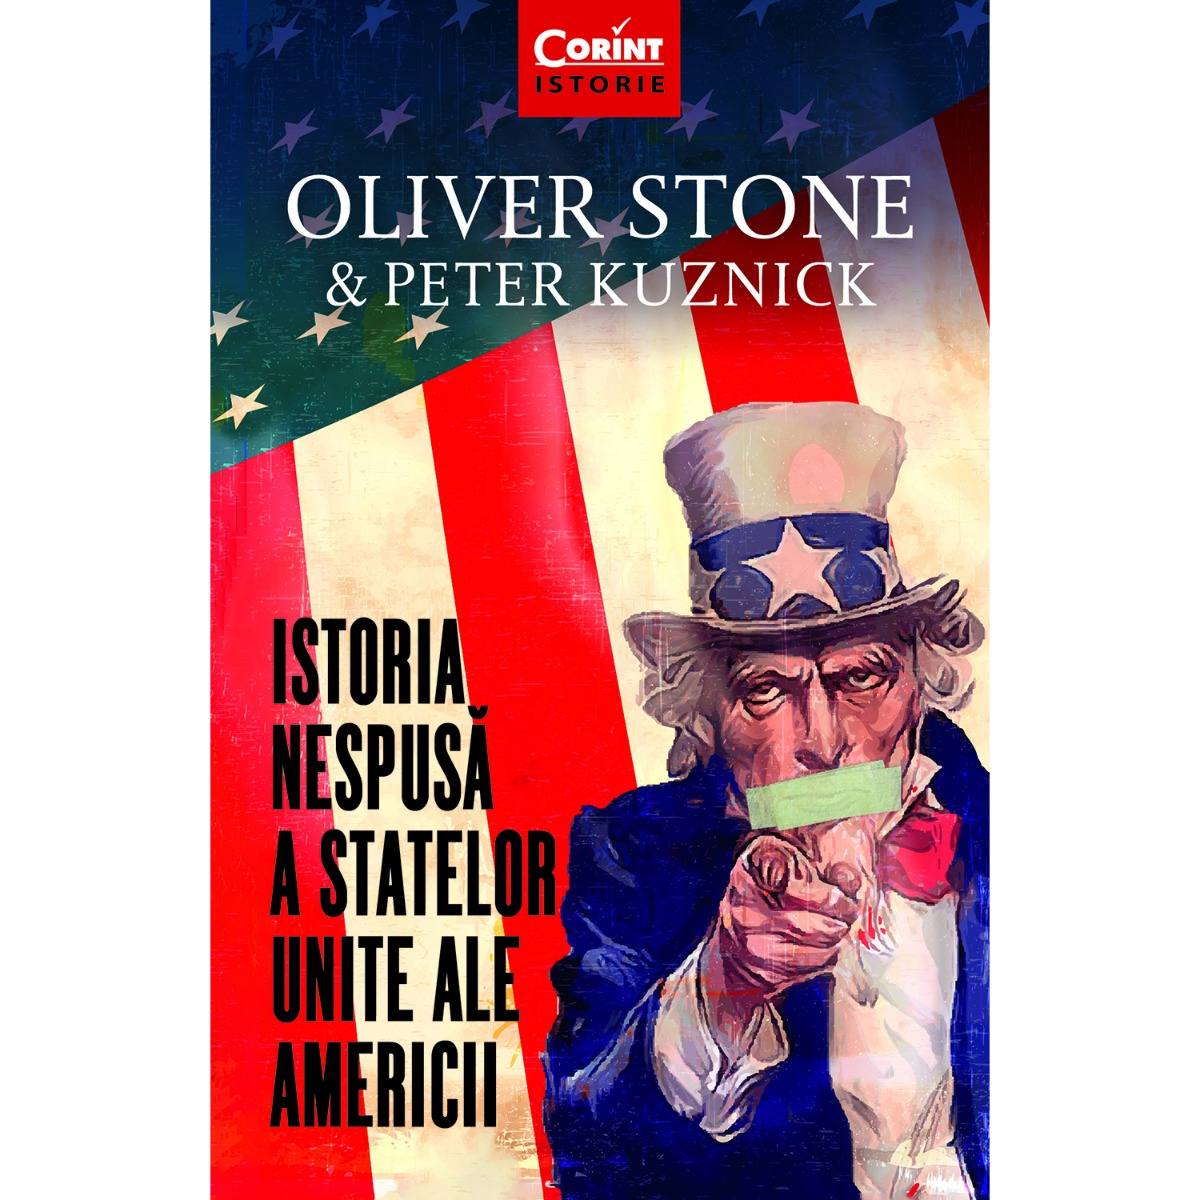 Carte Editura Corint, Istoria nespusa a Statelor Unite ale Americii, Oliver Stone, Peter Kuznick imagine